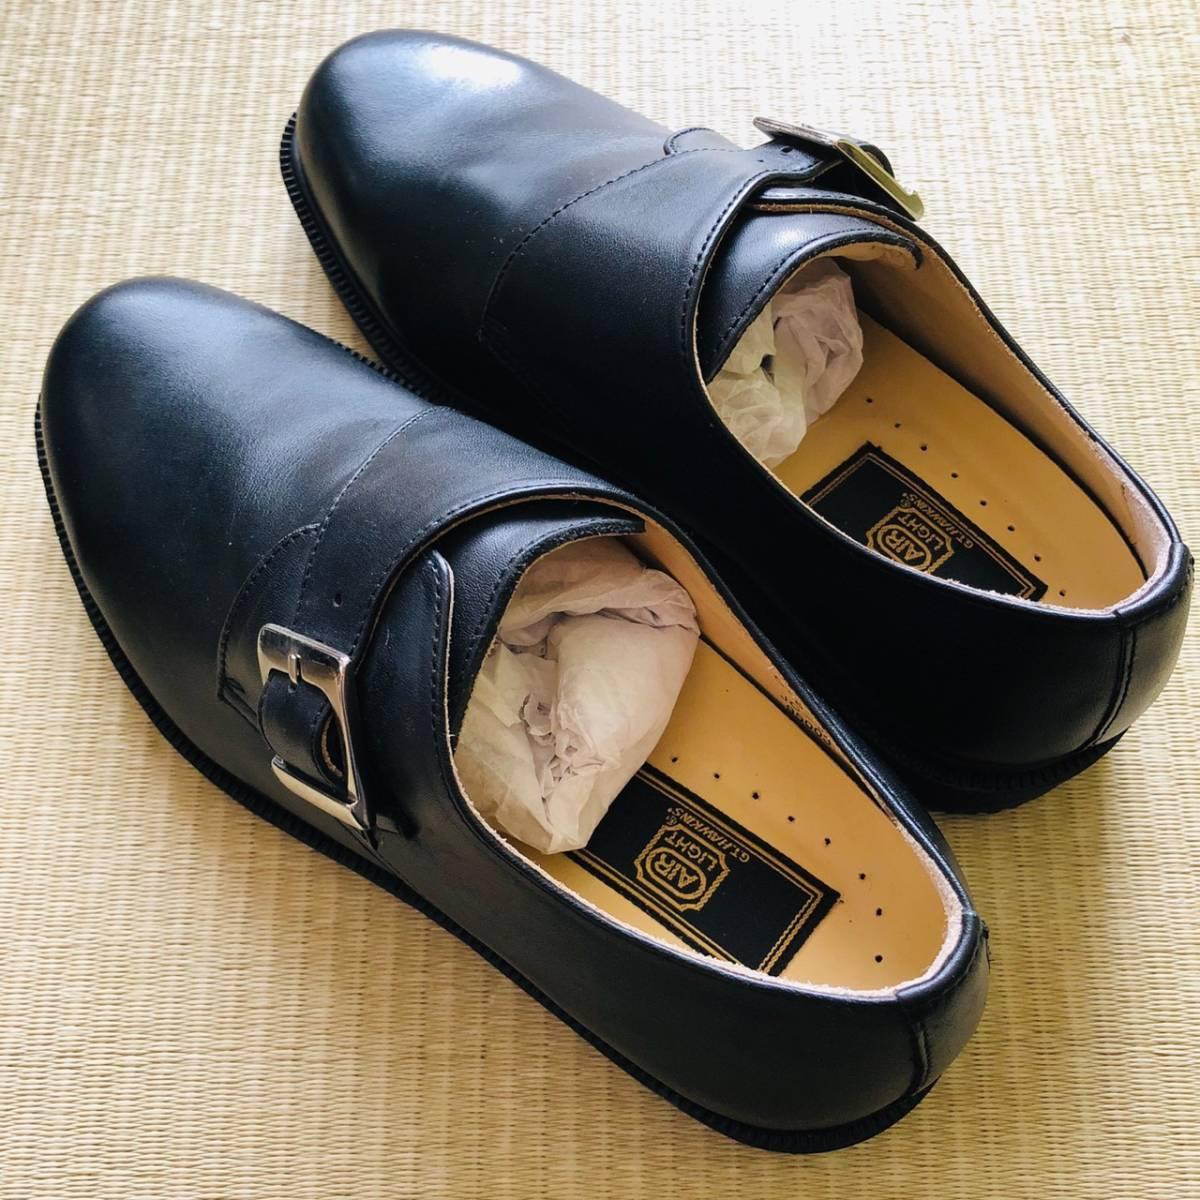 【未使用新品】GT HAWKINS AIR LIGHT 革靴 ビジネスシューズ 黒 6 24.5cm_画像2